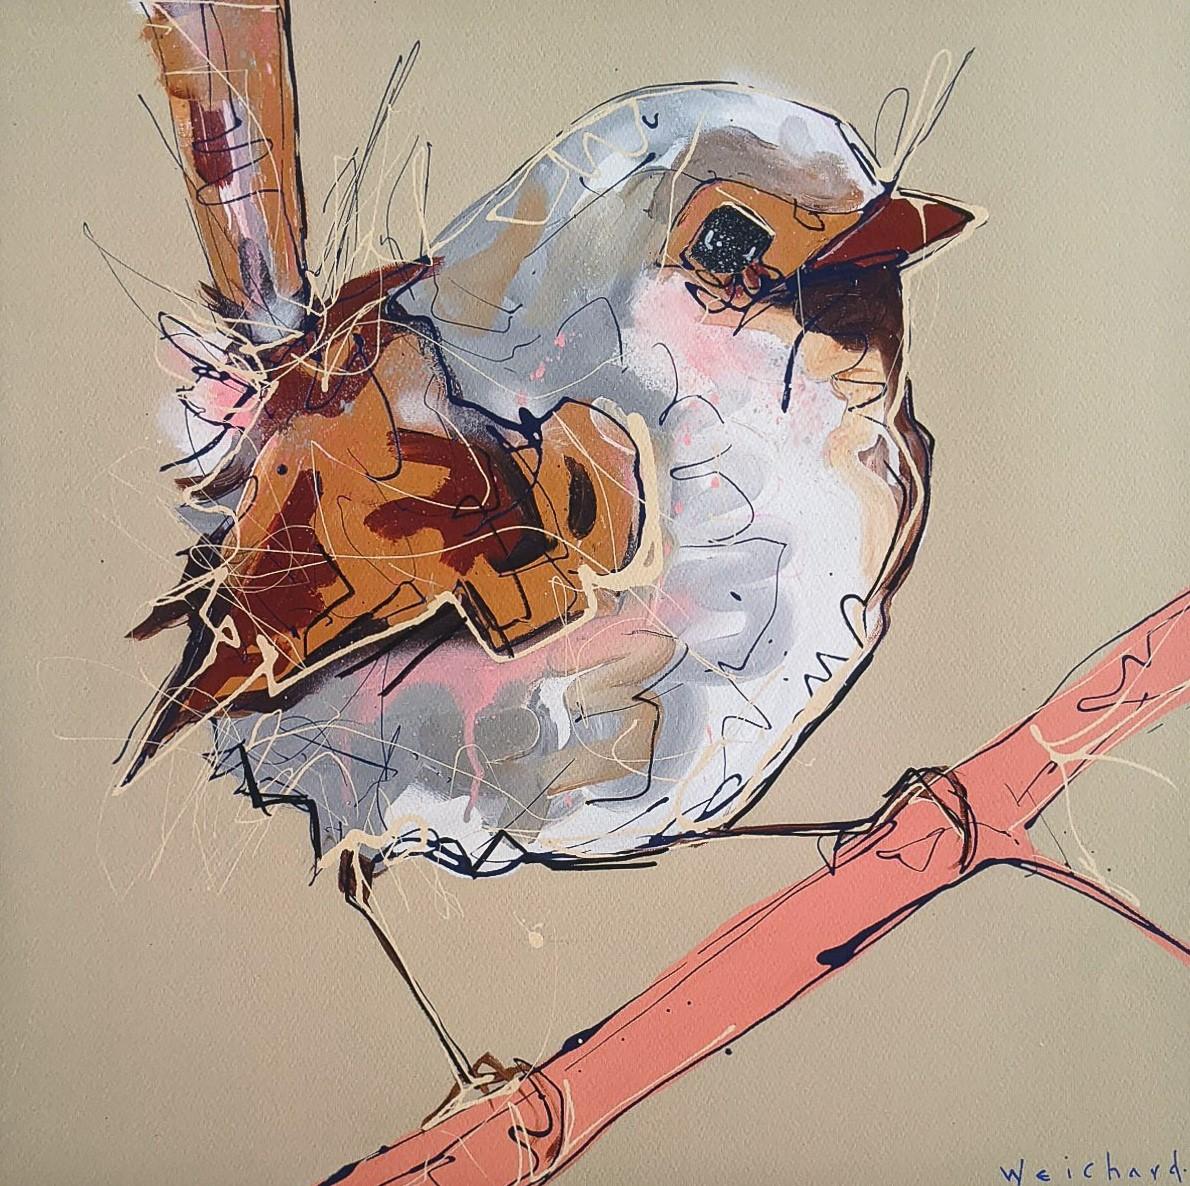 Crimson View - Limited Edition Wren Bird Print - Aidan Weichard - Native Bird Art